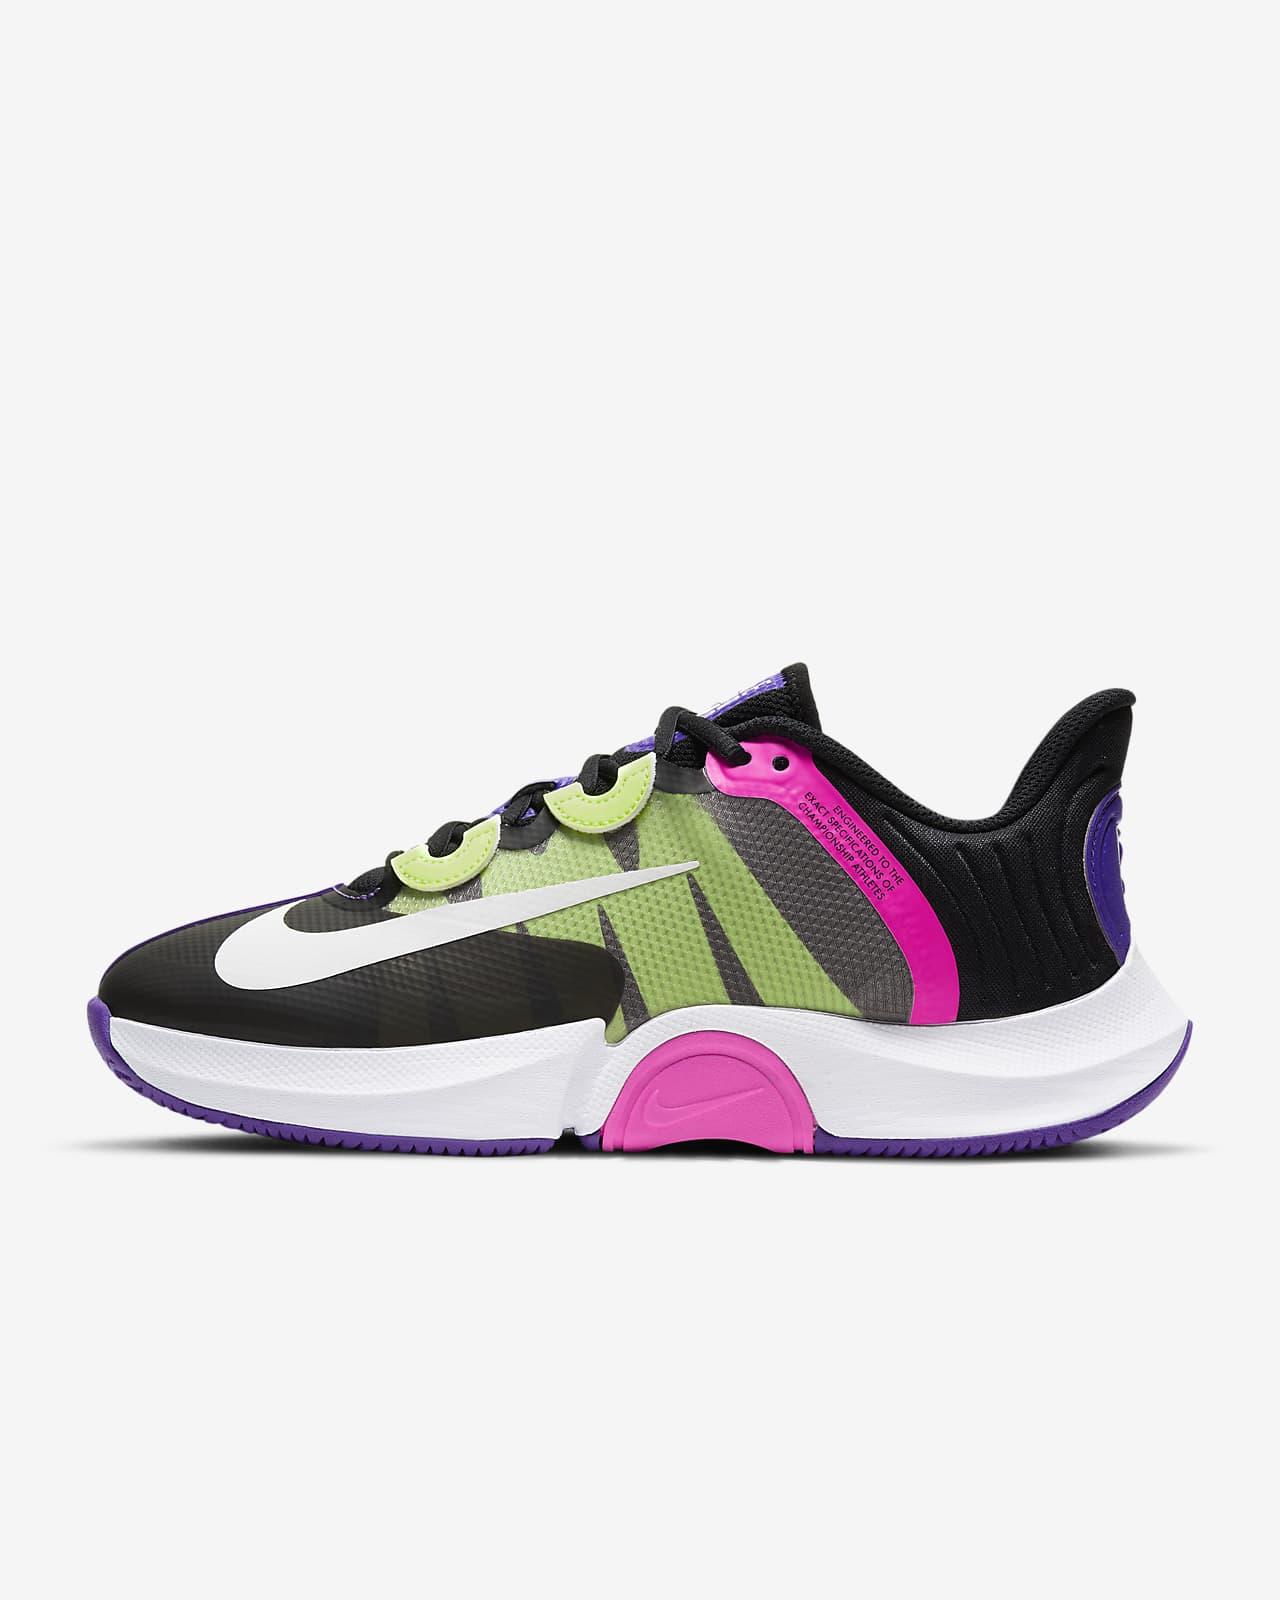 NikeCourt Air Zoom GP Turbo Zapatillas de tenis de pista rápida - Mujer